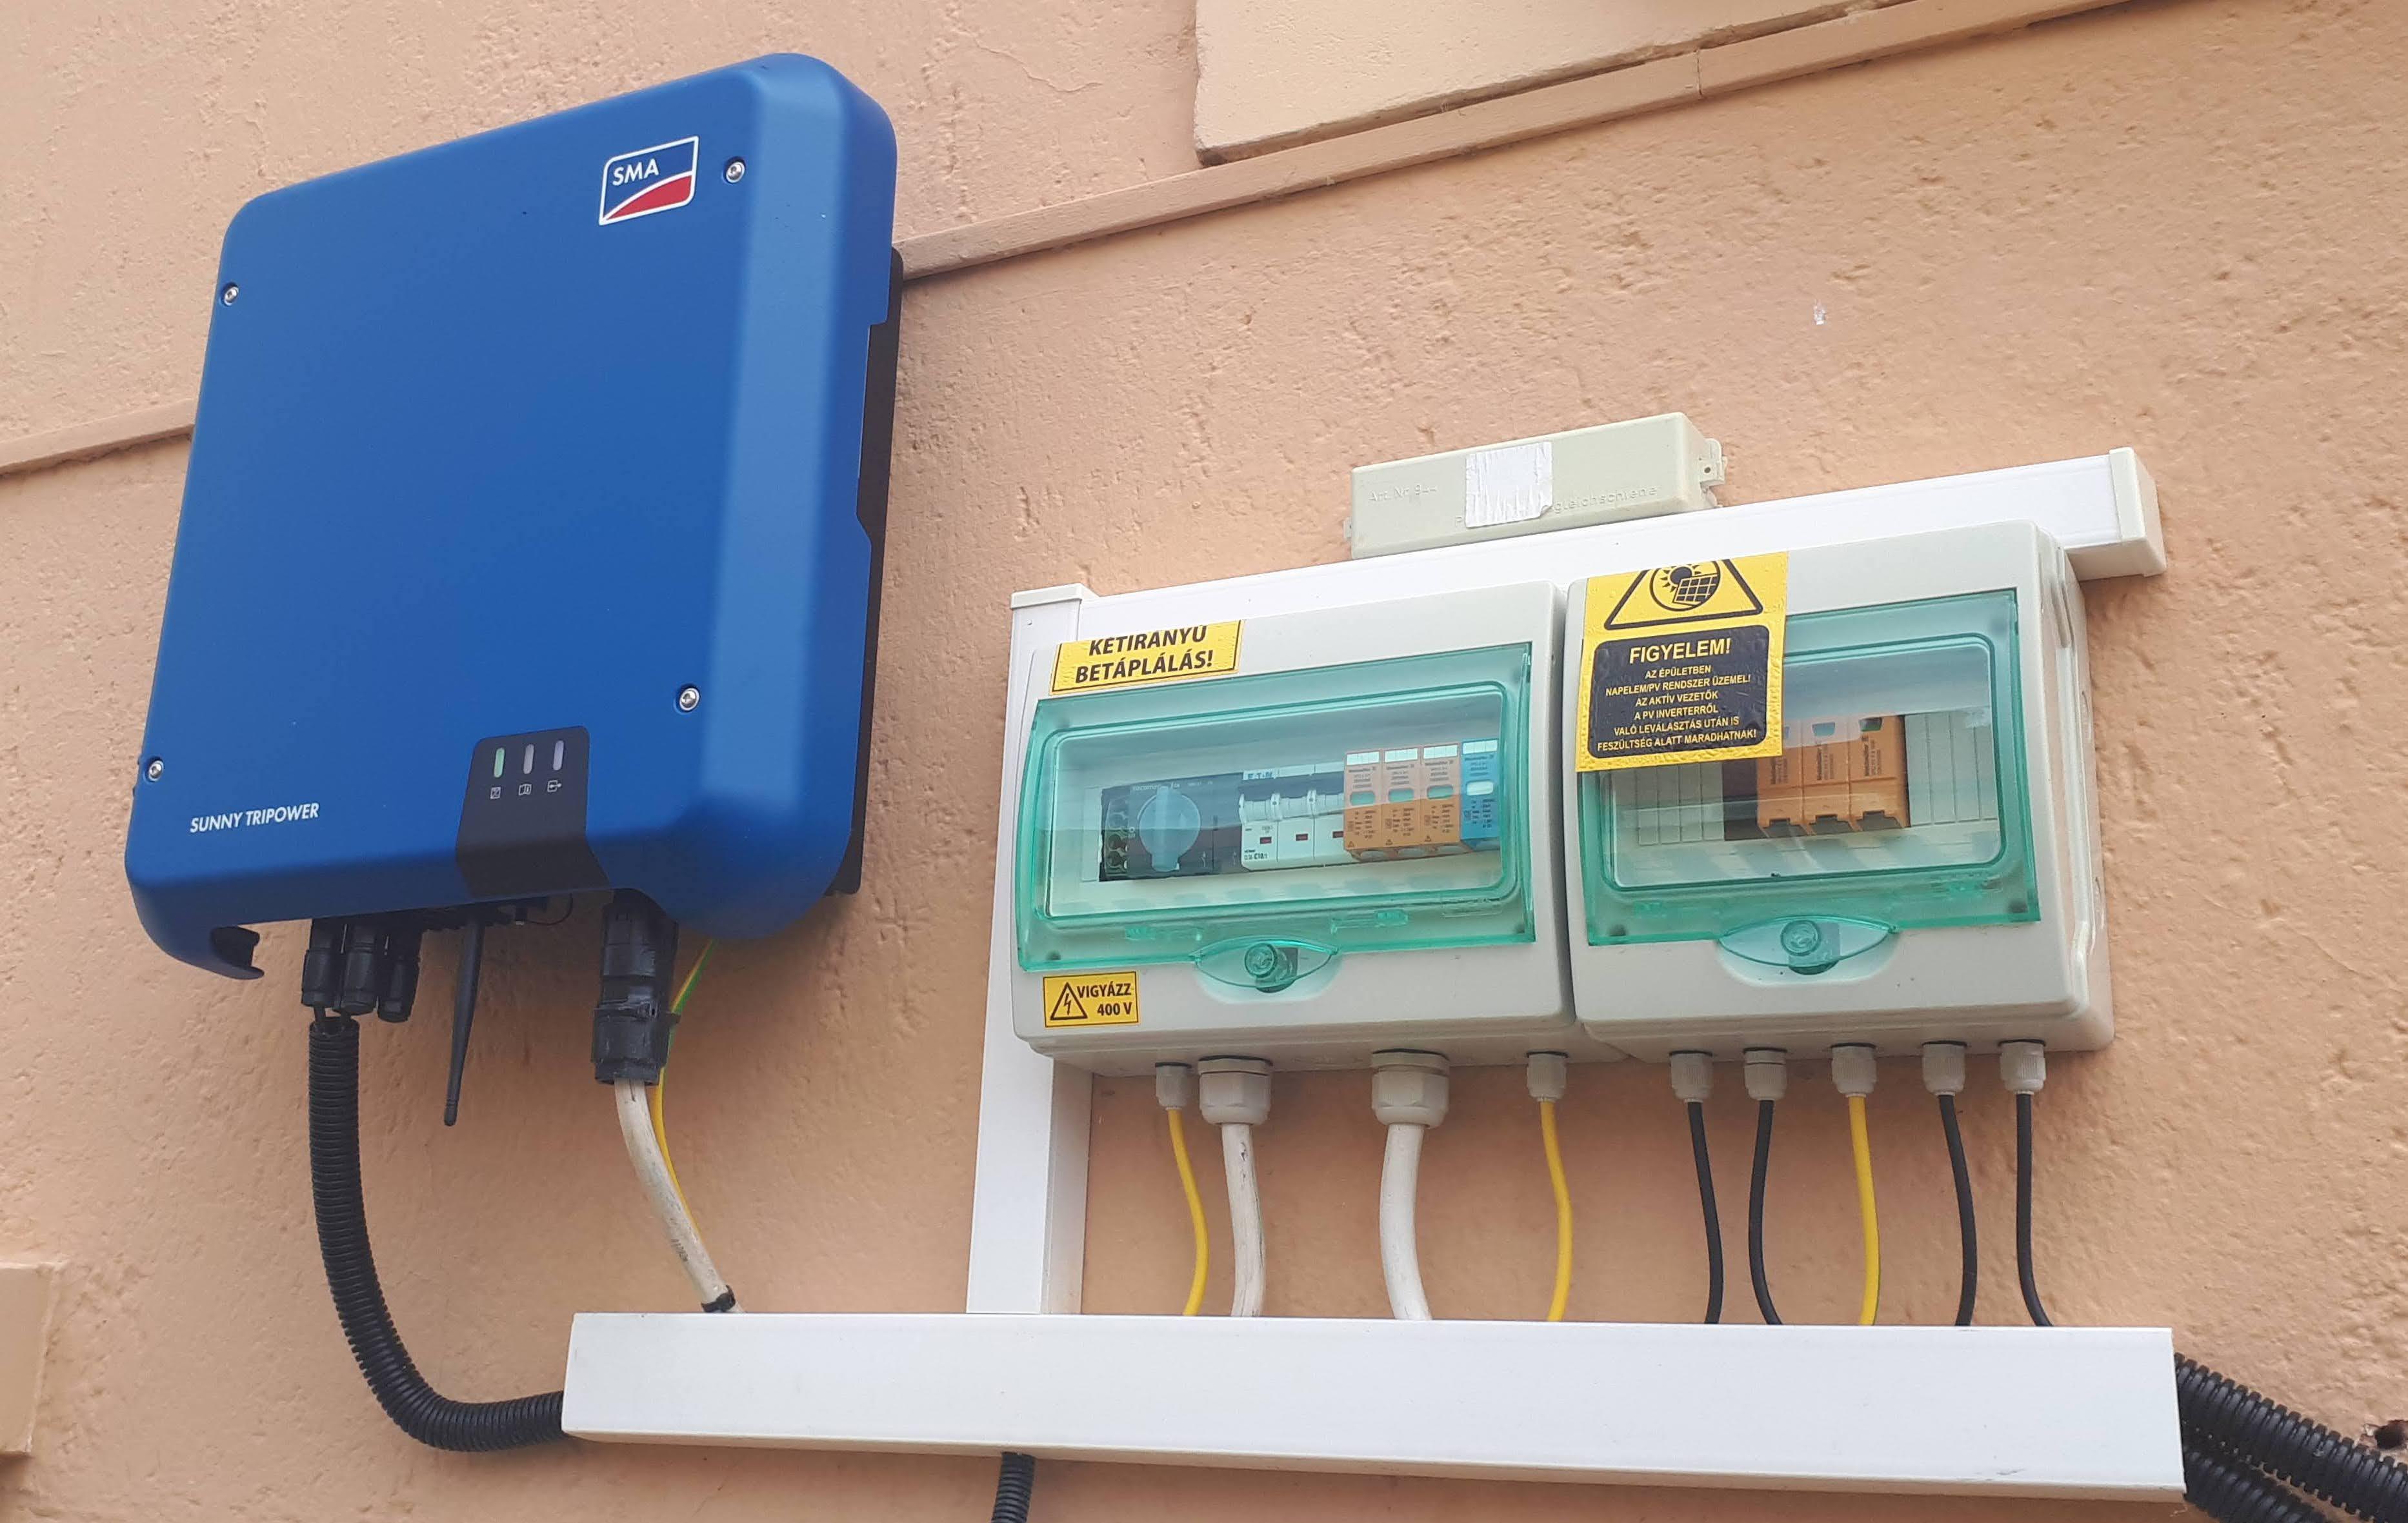 Bakonybél - 4,675 KWp teljesítményű napelemes rendszer